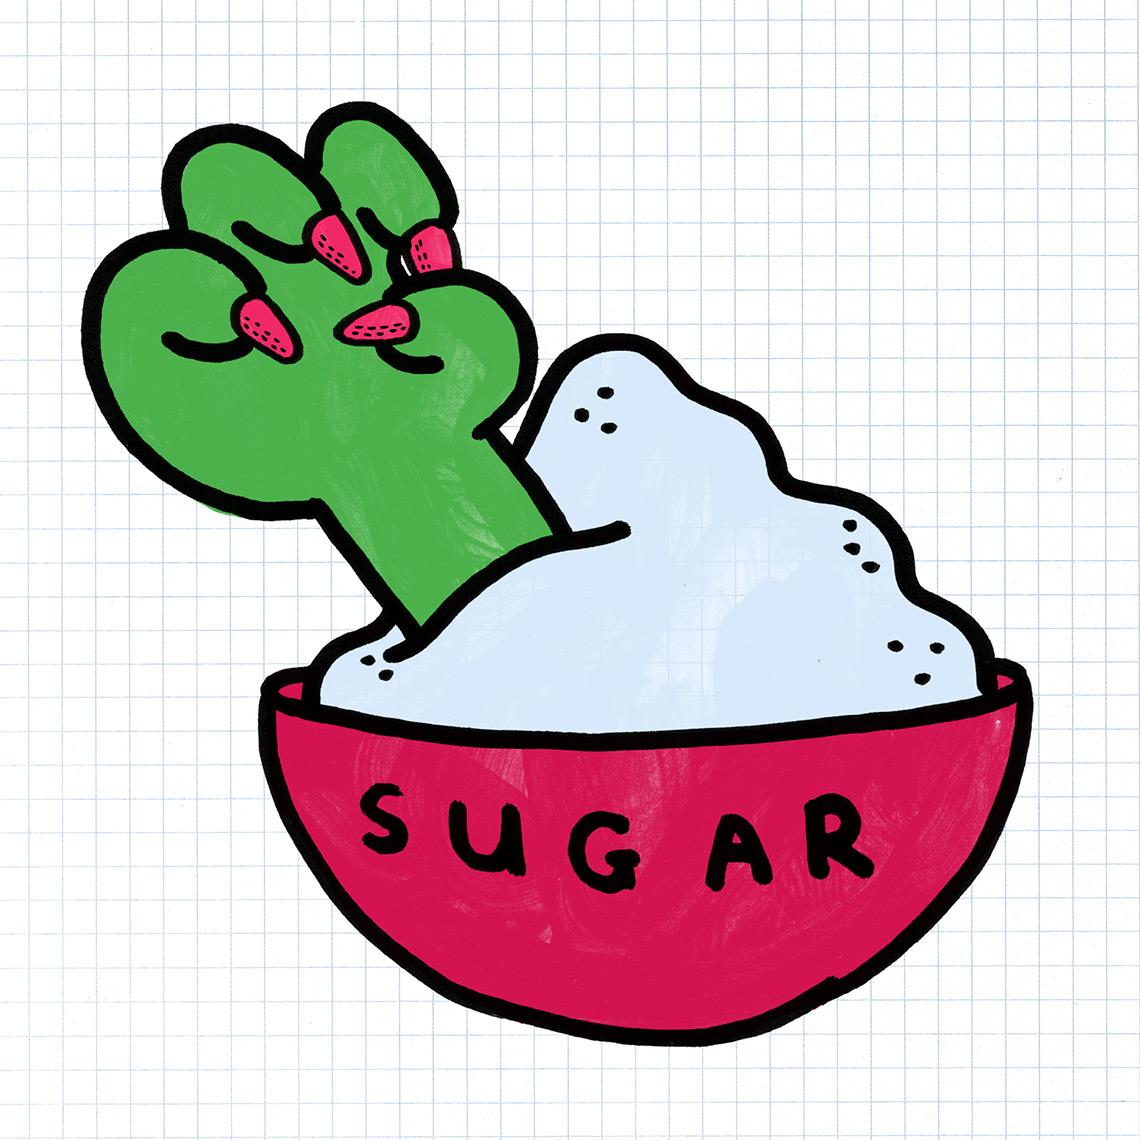 Insta_Sugar.jpg